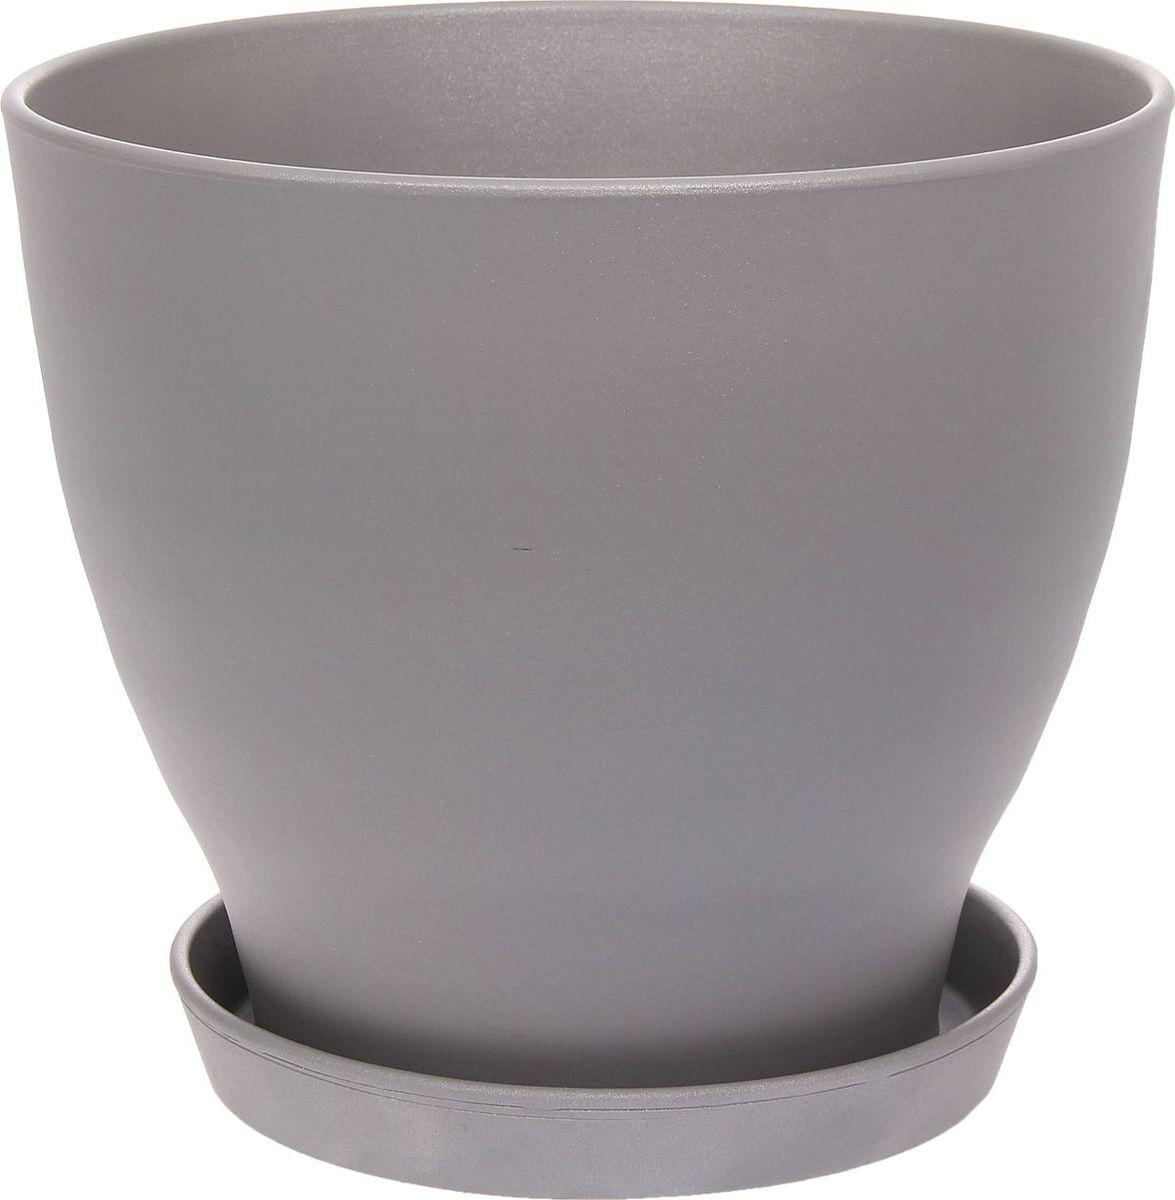 Кашпо Керамика ручной работы Ксения, цвет: серый, 15 л1134122Кашпо серии «Каменный цветок» выполнено из белой глины методом формовки и покрыто лаком. Керамическая ёмкость имеет объём, оптимальный для создания наилучших условий развития большинства растений.Устойчивый глубокий поддон защитит поверхность стола или подставки от жидкости.Благодаря строгим стандартам производства изделия отличаются правильной формой, отсутствием дефектов, имеют достаточную тяжесть для надёжной фиксации конструкции.Окраска моделей не восприимчива к прямым солнечным лучам, а в цветовой гамме преобладают яркие и насыщенные оттенки.Красота, удобство и долговечность кашпо серии «Каменный цветок» порадует любителей высококачественных аксессуаров для комнатных растений.